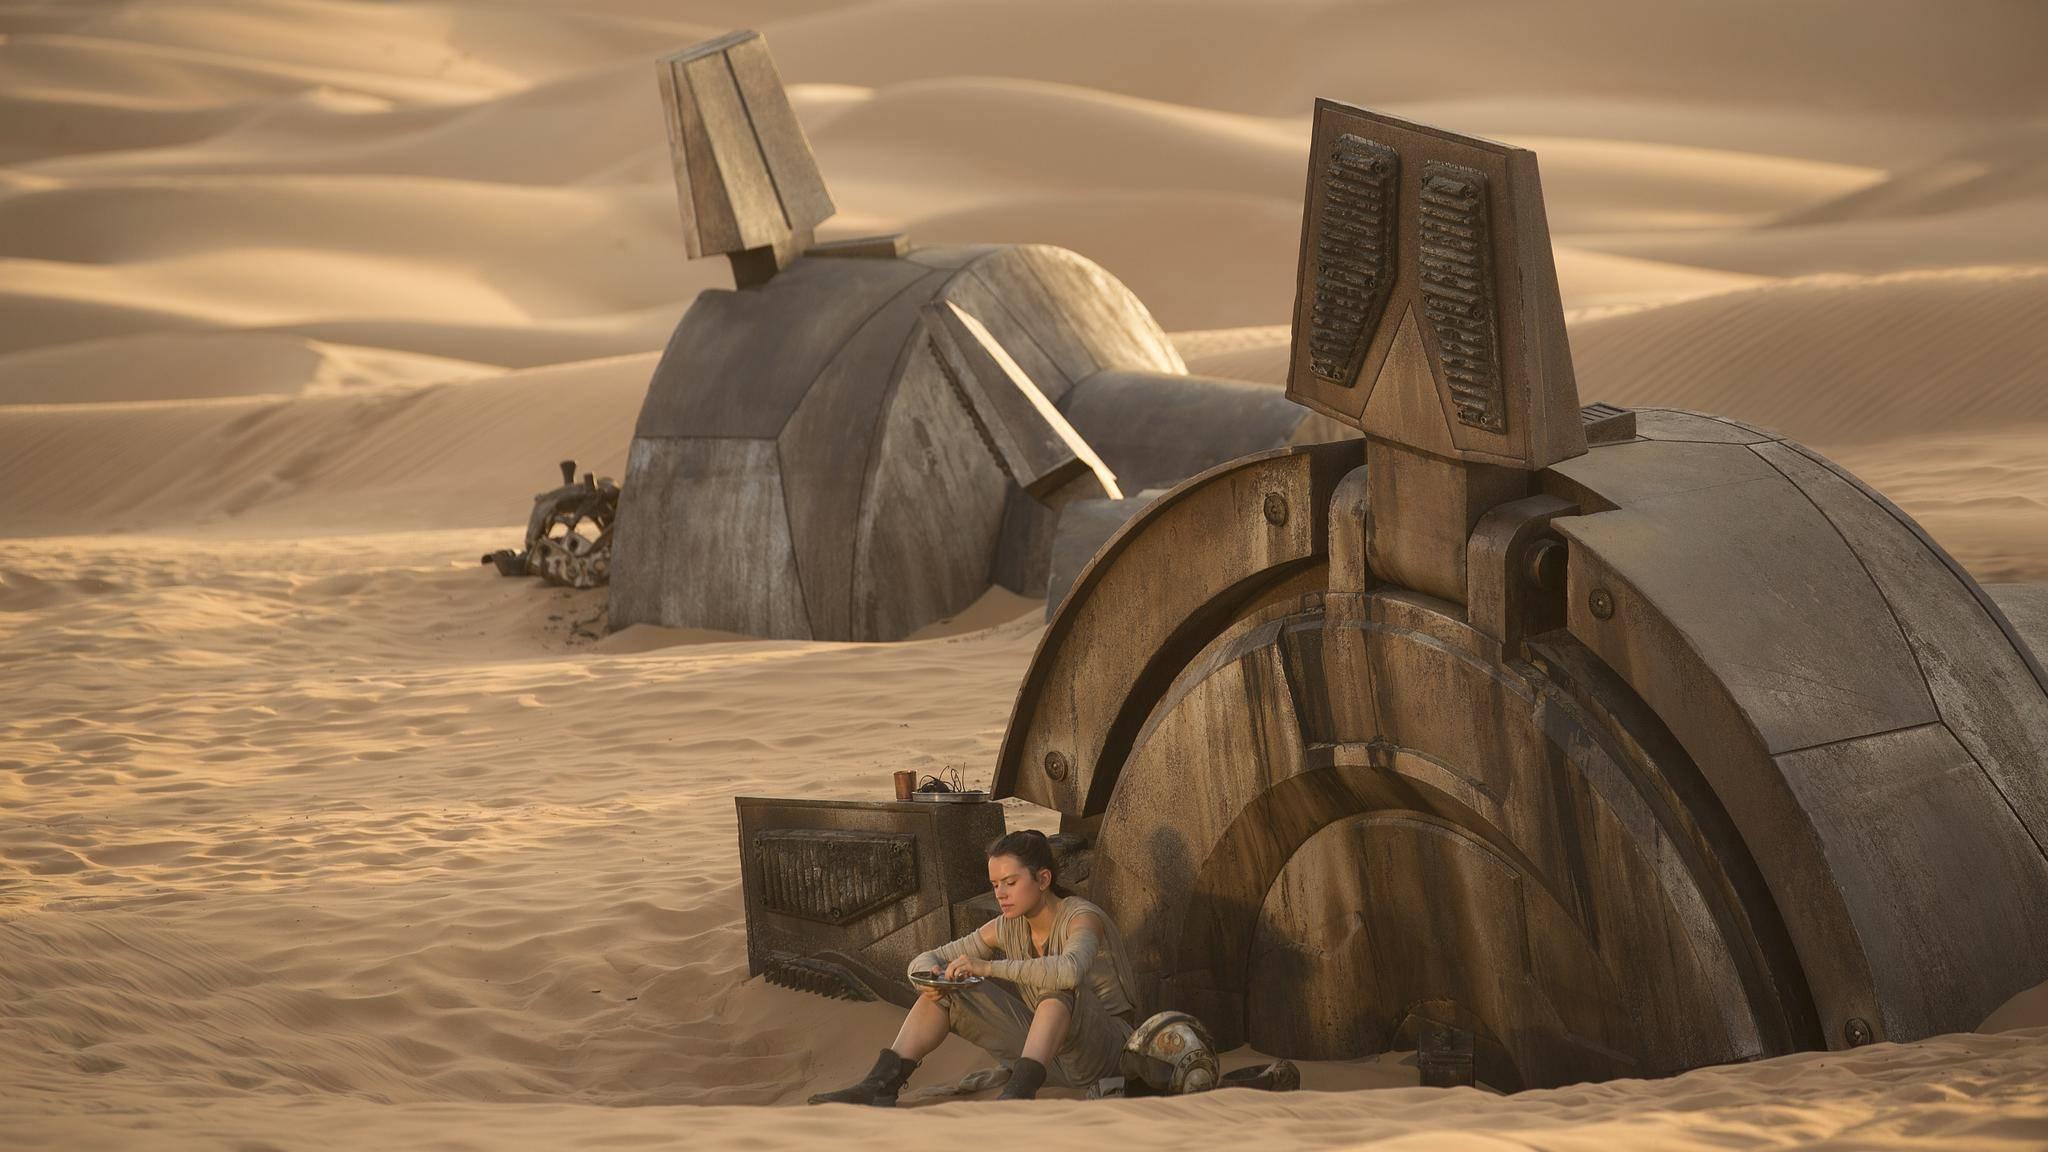 Die meiste Zeit ihres Lebens verbrachte Rey auf dem öden Wüstenplaneten Jakku.